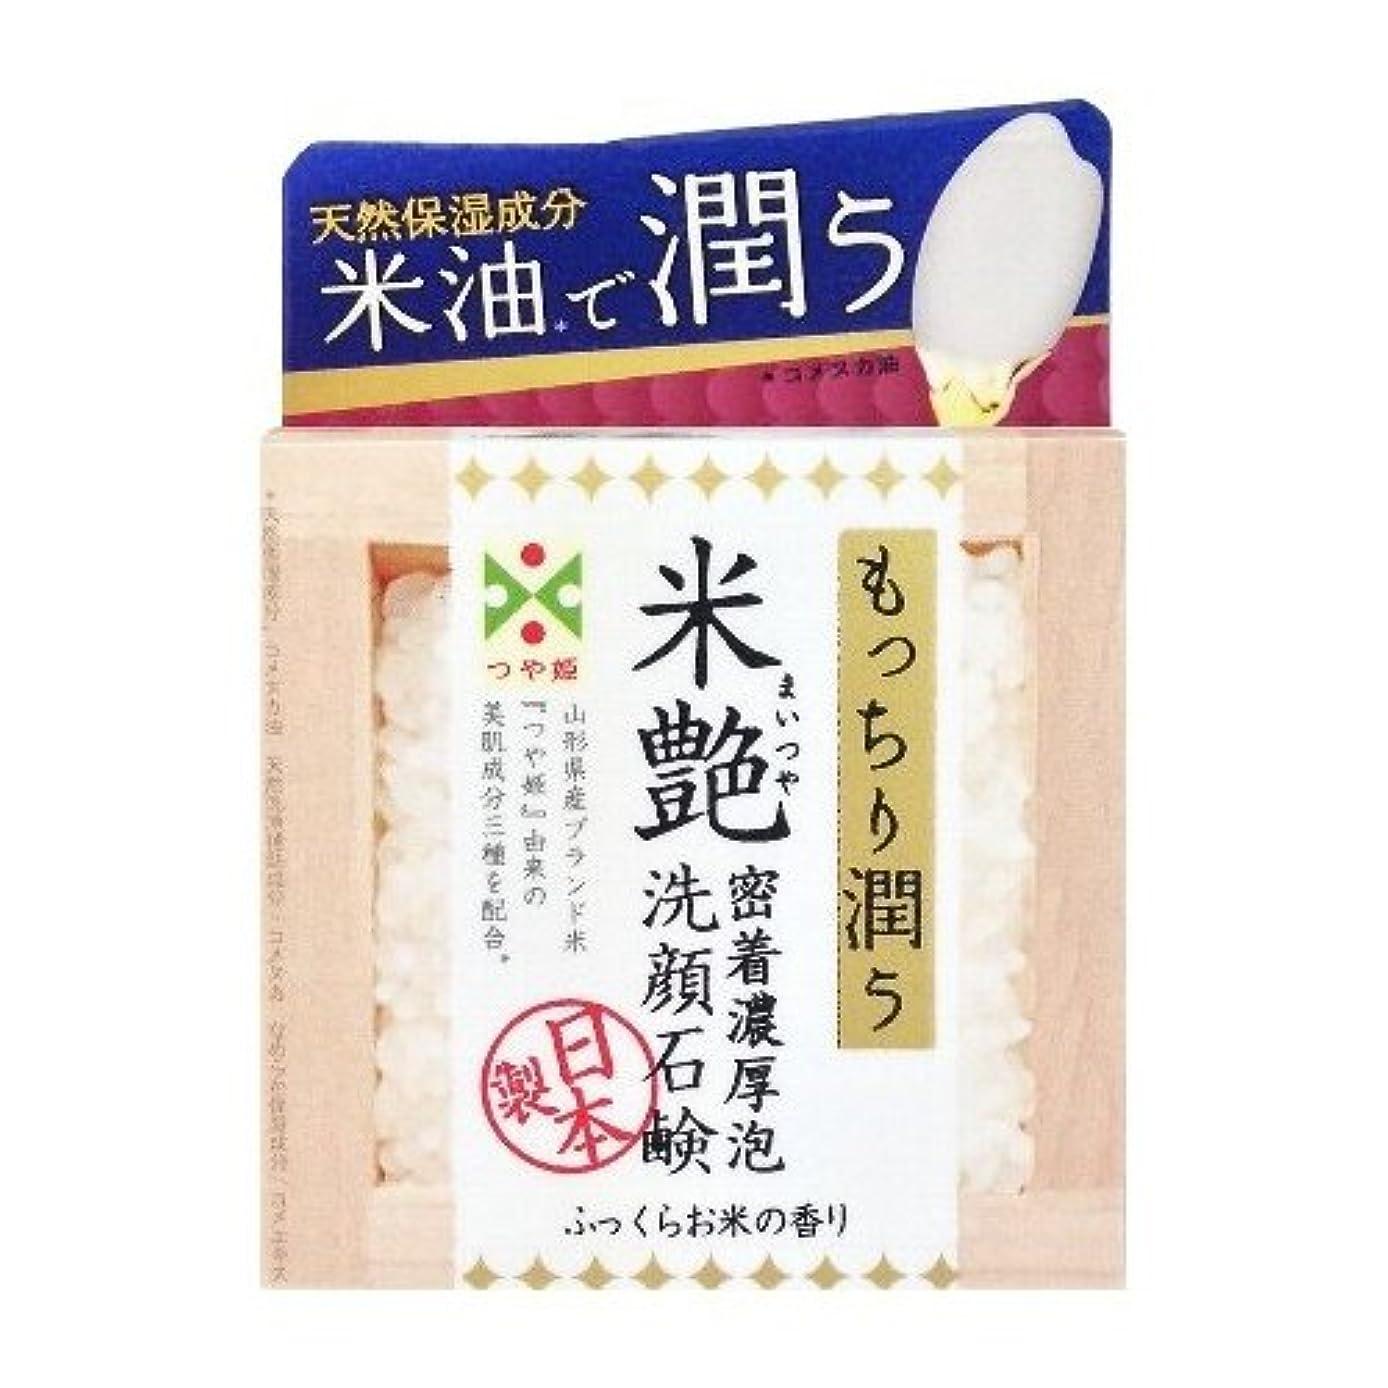 直接信頼補うペリカン石鹸 米艶洗顔石鹸 100g